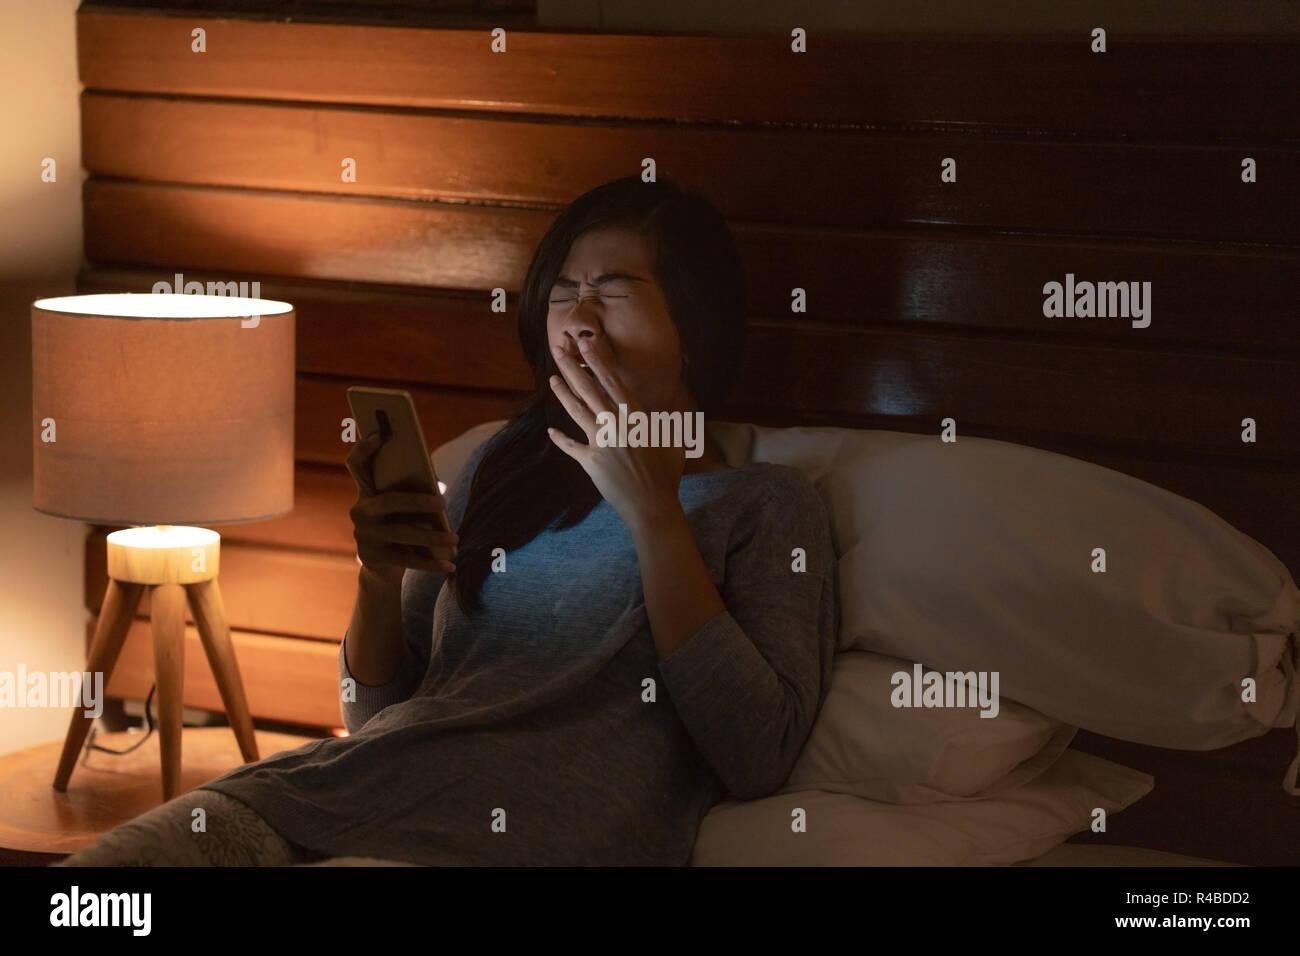 sleepy young girl using mobile phone - Stock Image